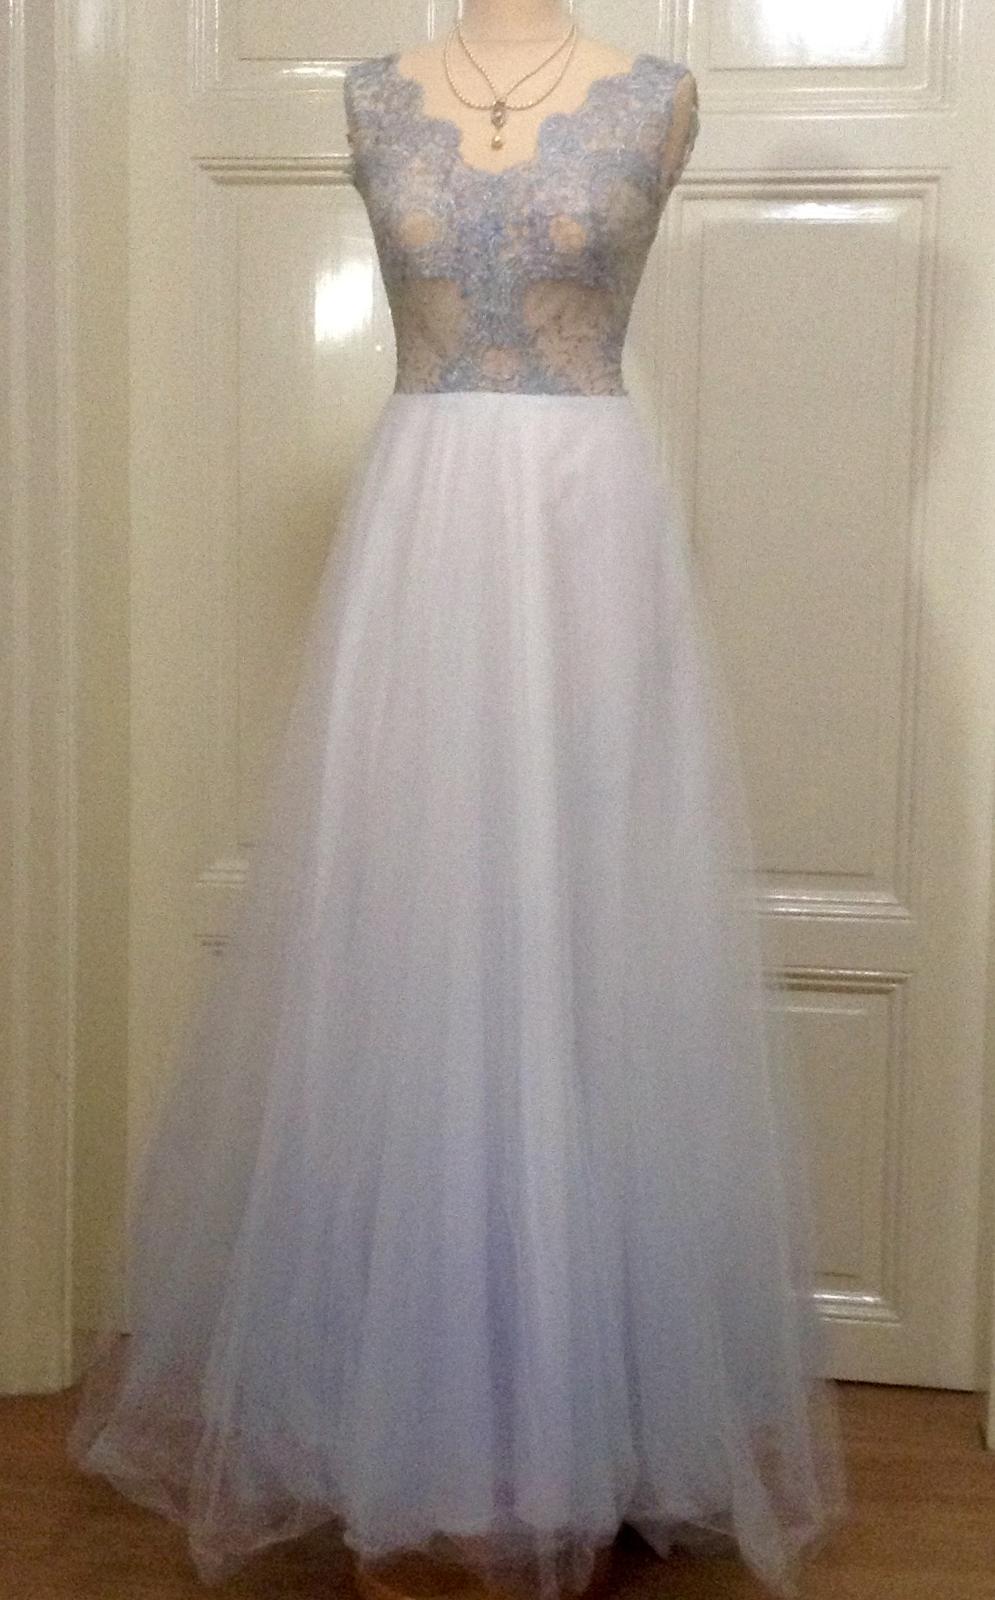 Šedomodré šaty - Obrázek č. 3